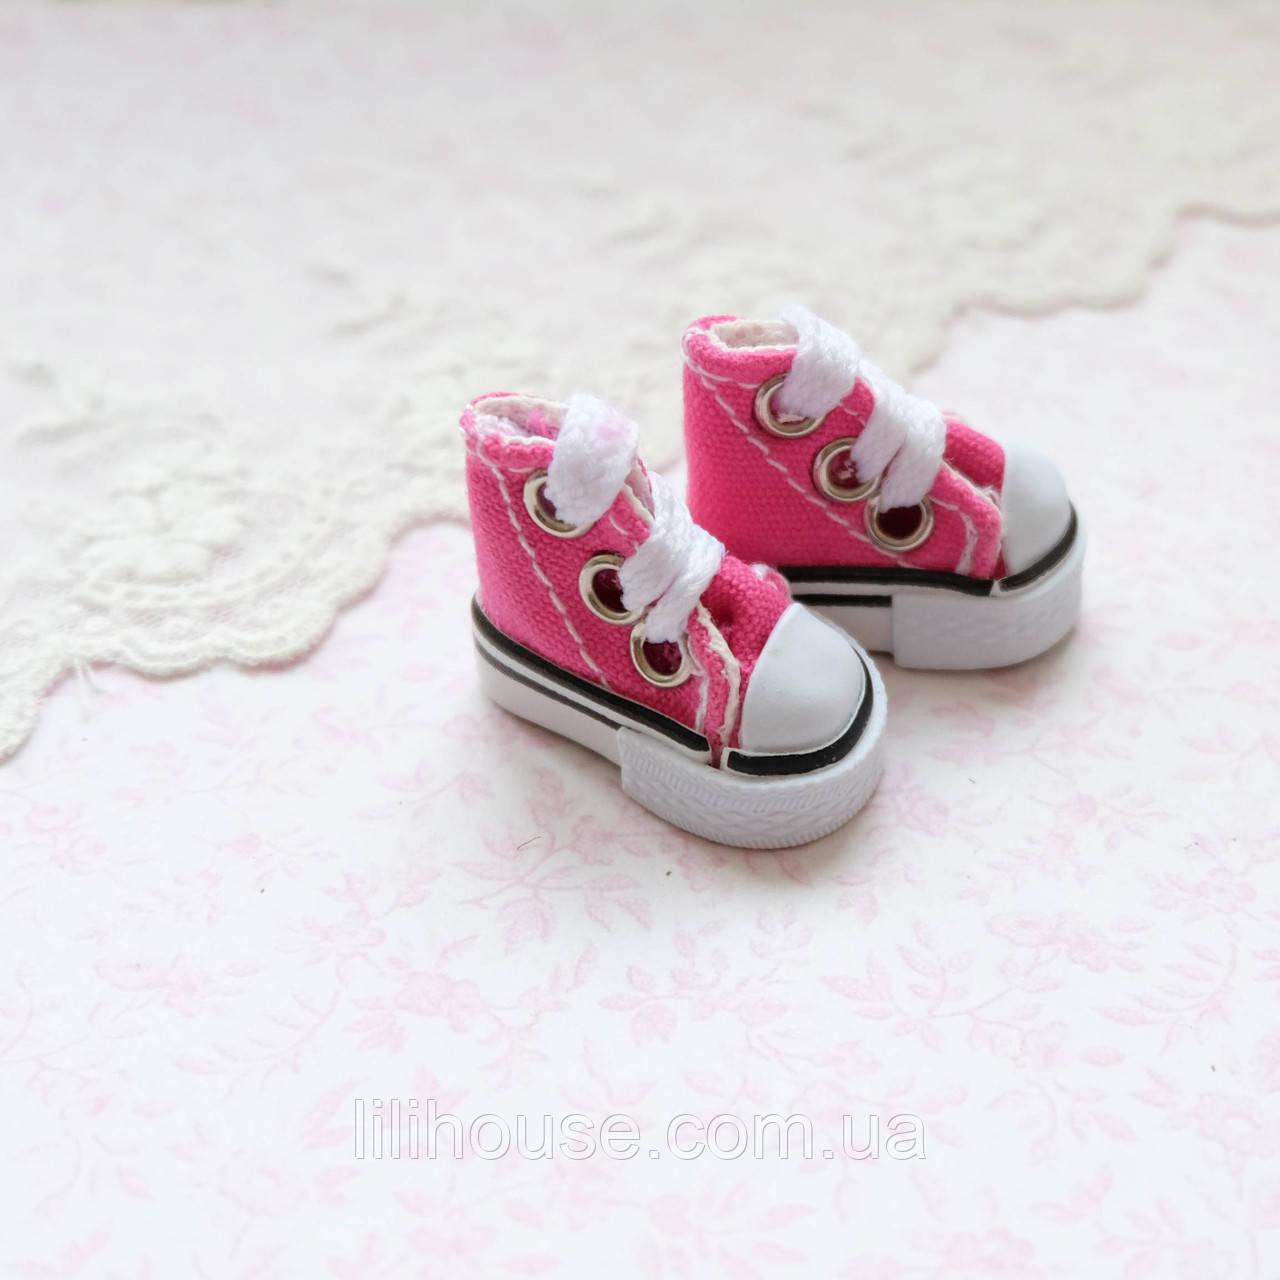 Обувь для кукол Кеды Конверс Мини 3.5*2 см МАЛИНОВЫЕ